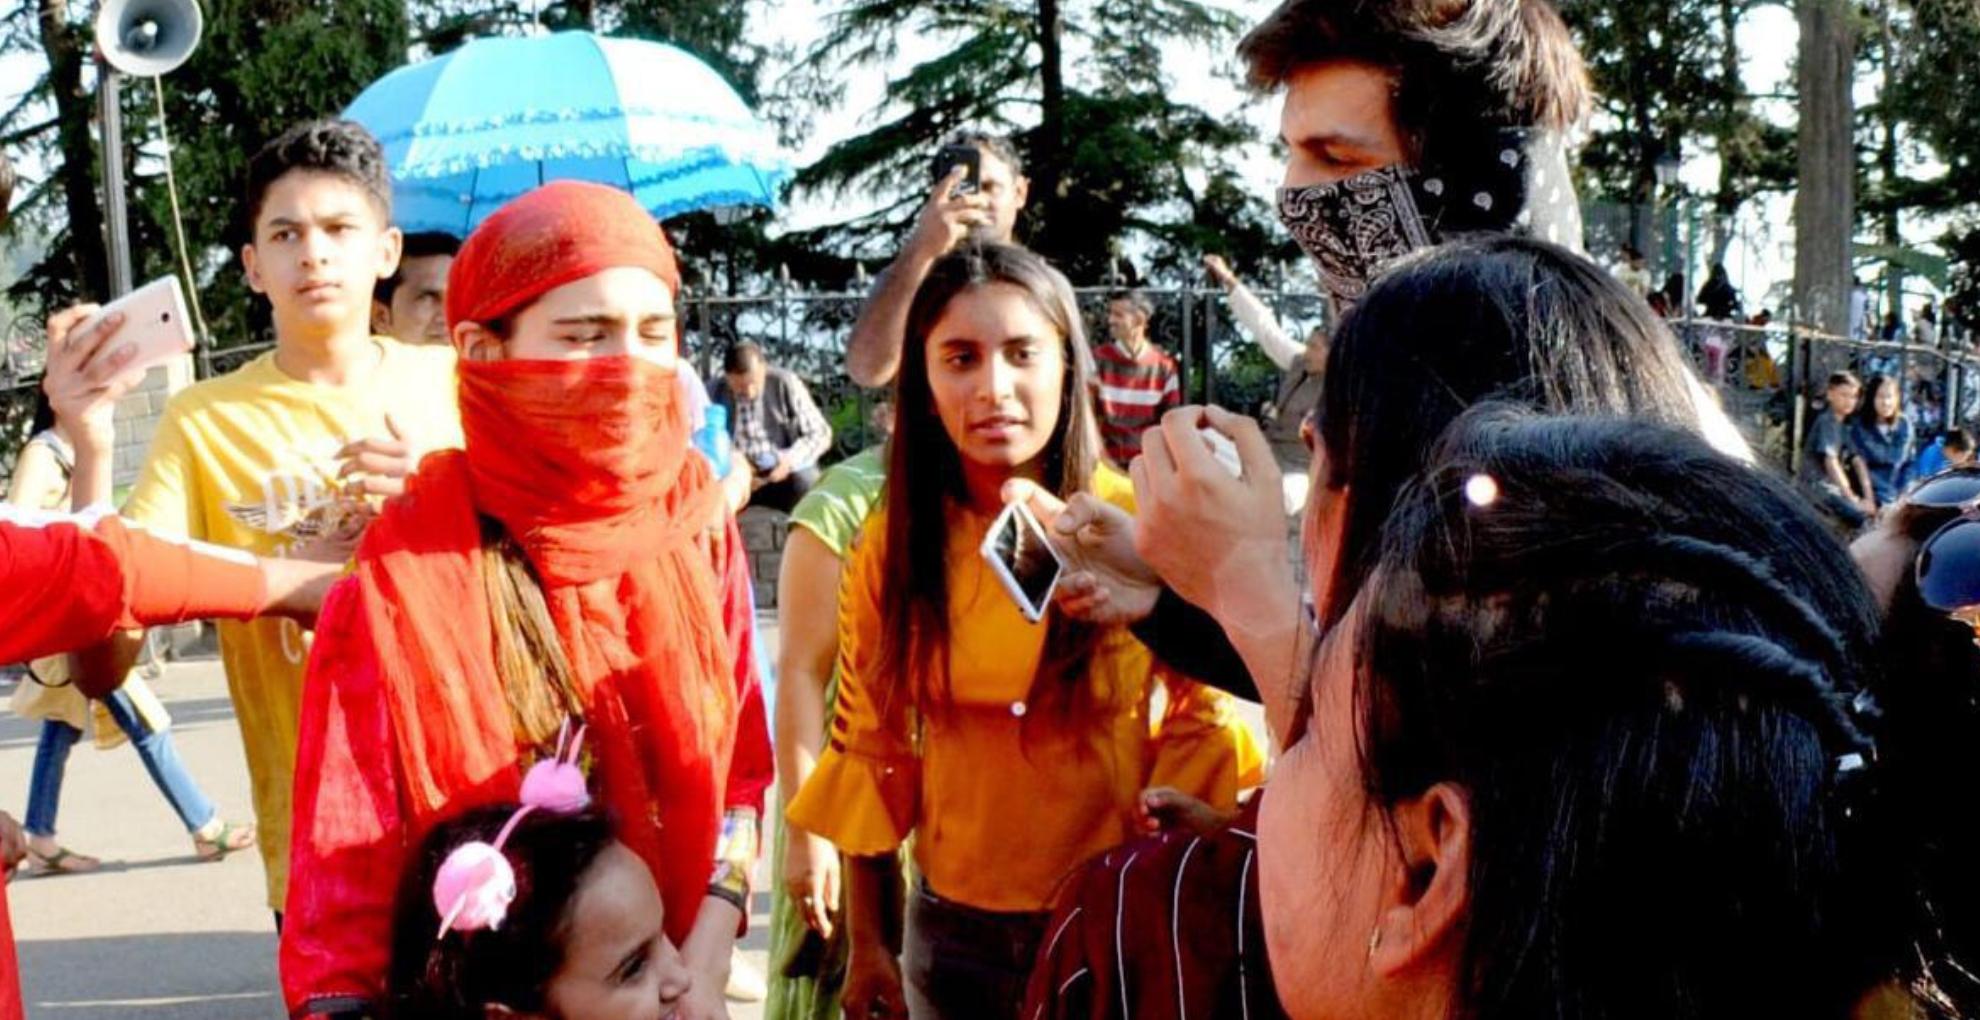 सारा अली खान-कार्तिक आर्यन शिमला में हुए स्पॉट, चेहरा छिपाकर फैंस के बीच यूं आए नजर, देखिए तस्वीरें